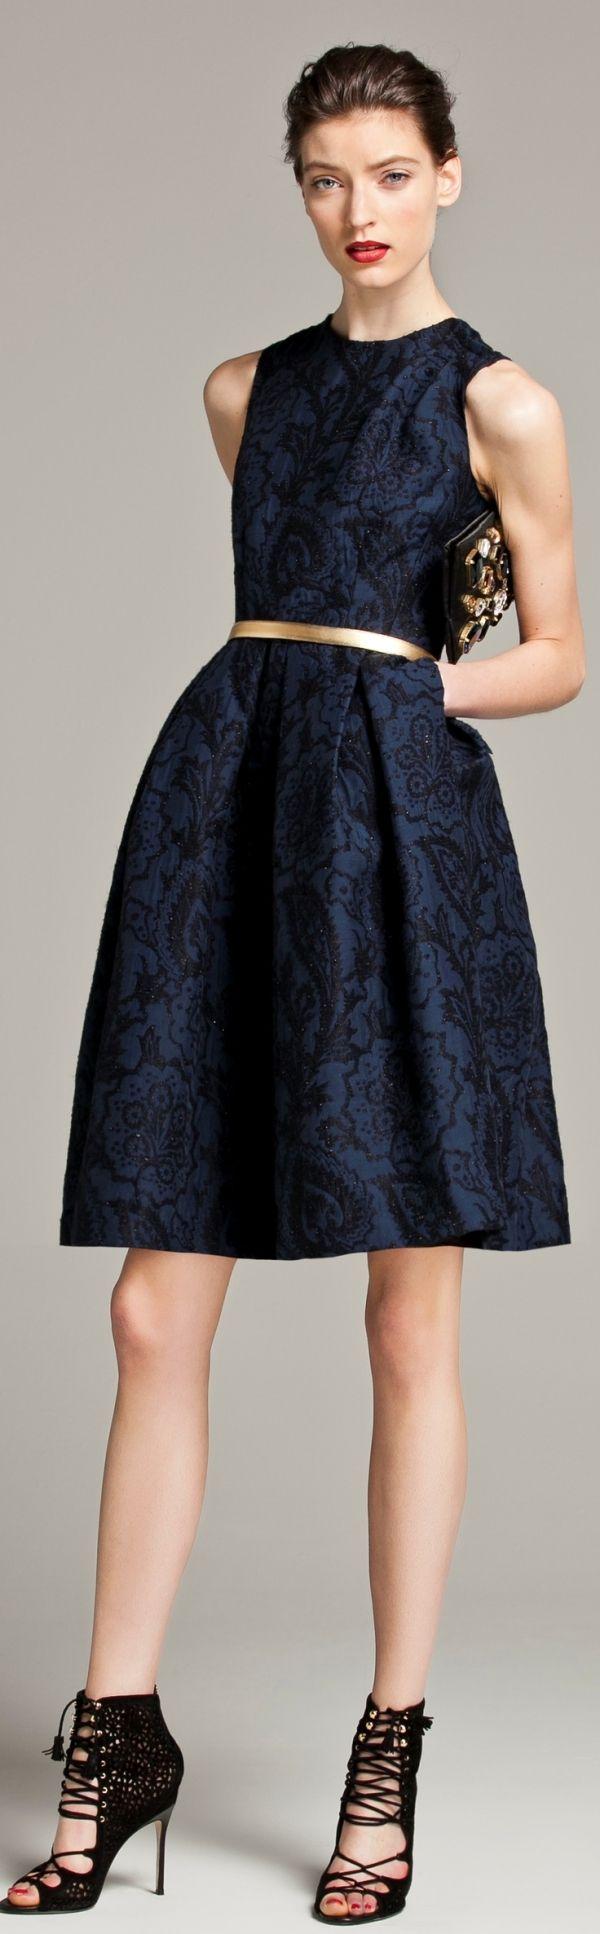 Vestidos cortos con tablones